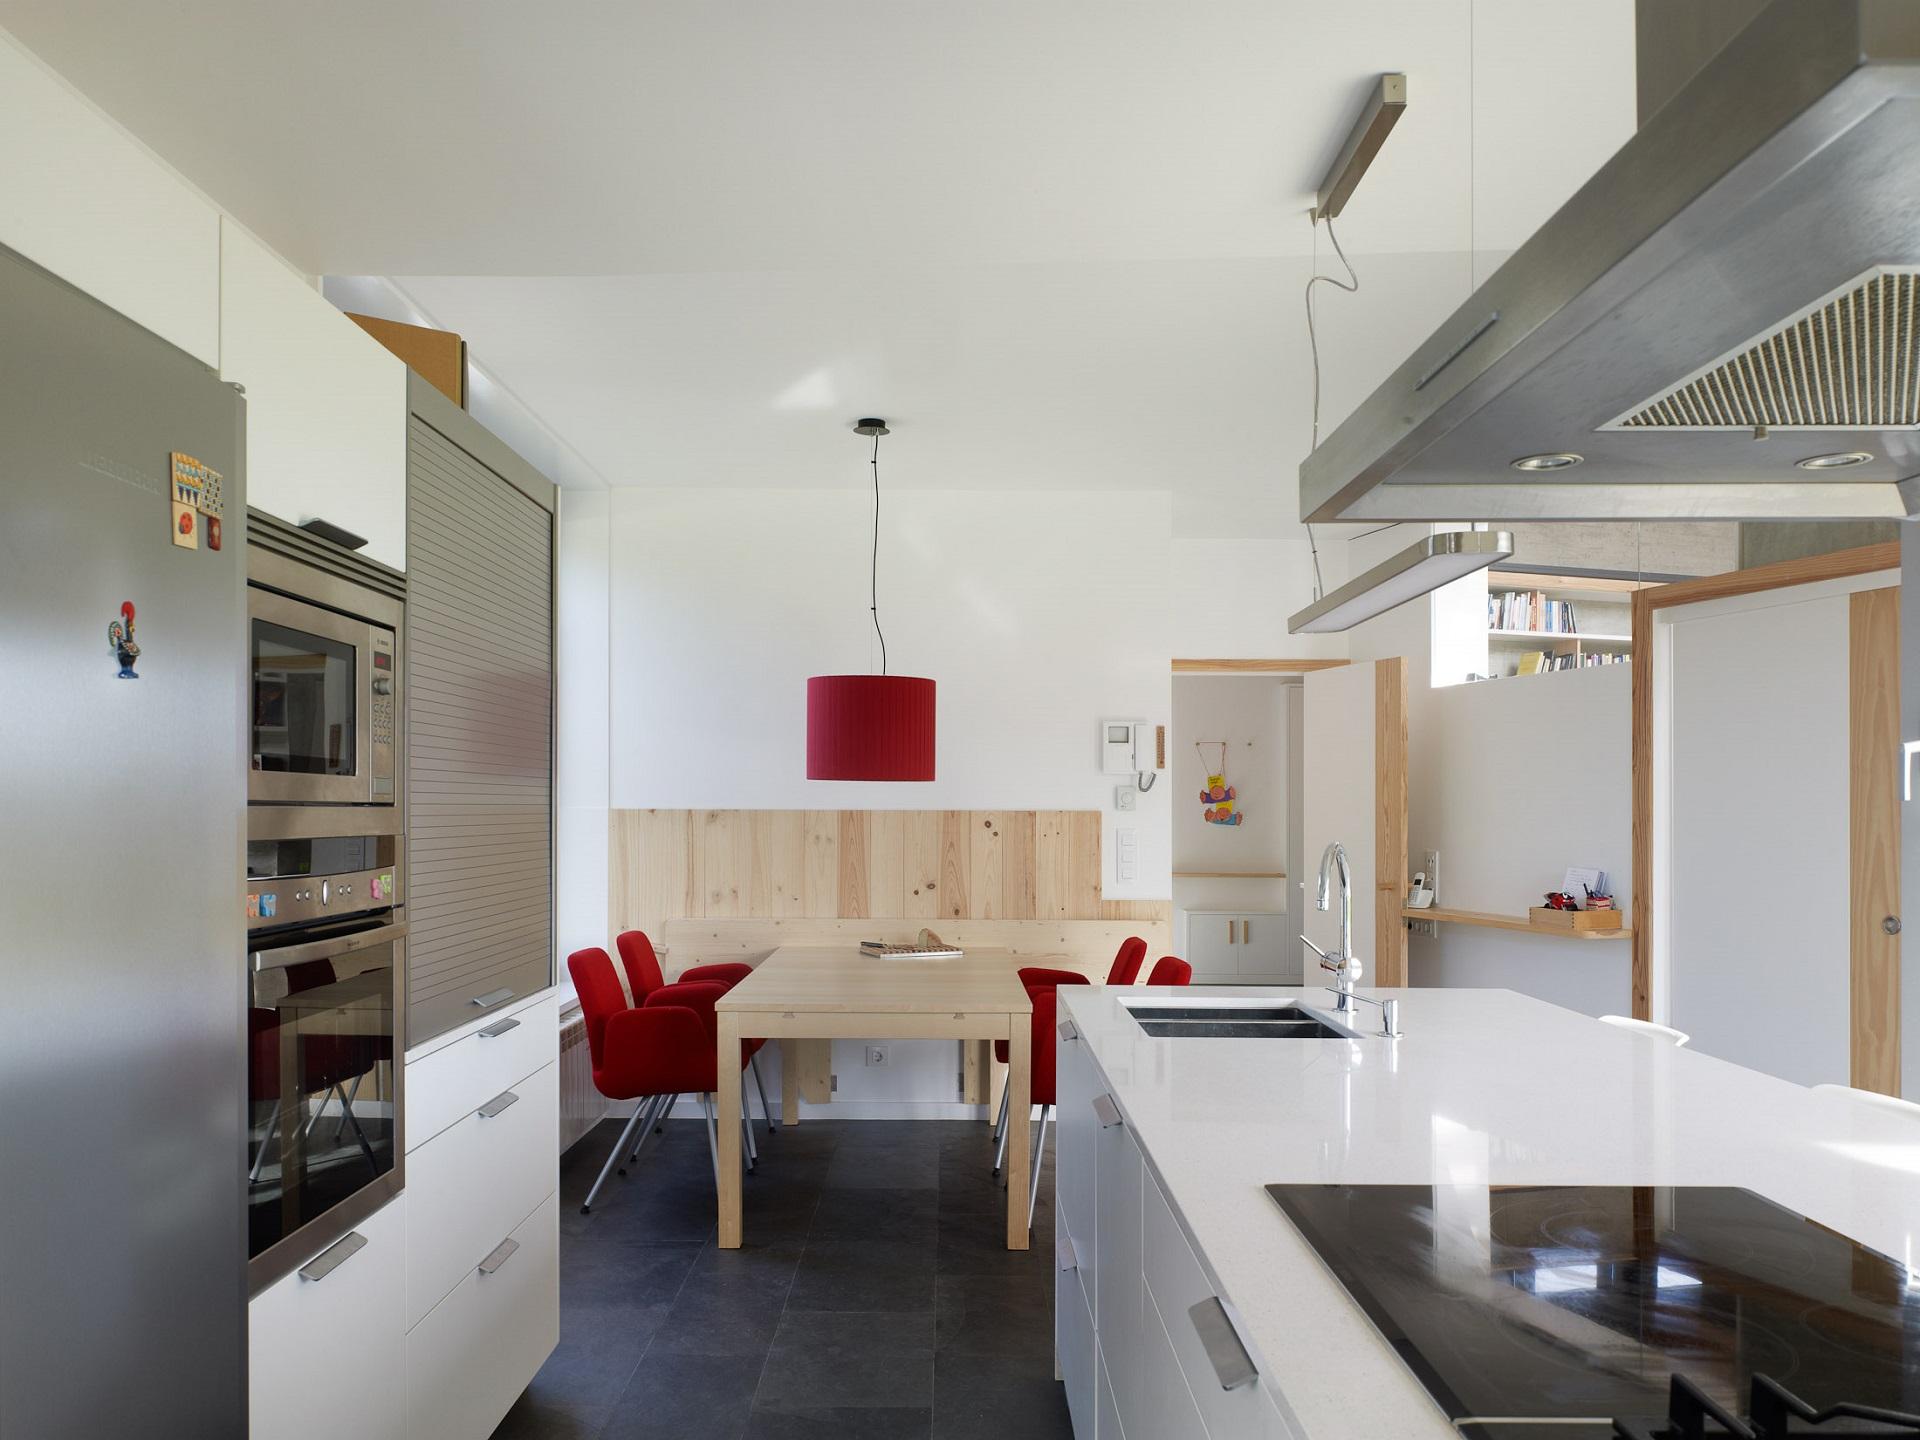 Cocinas con encanto blancas y madera Santos